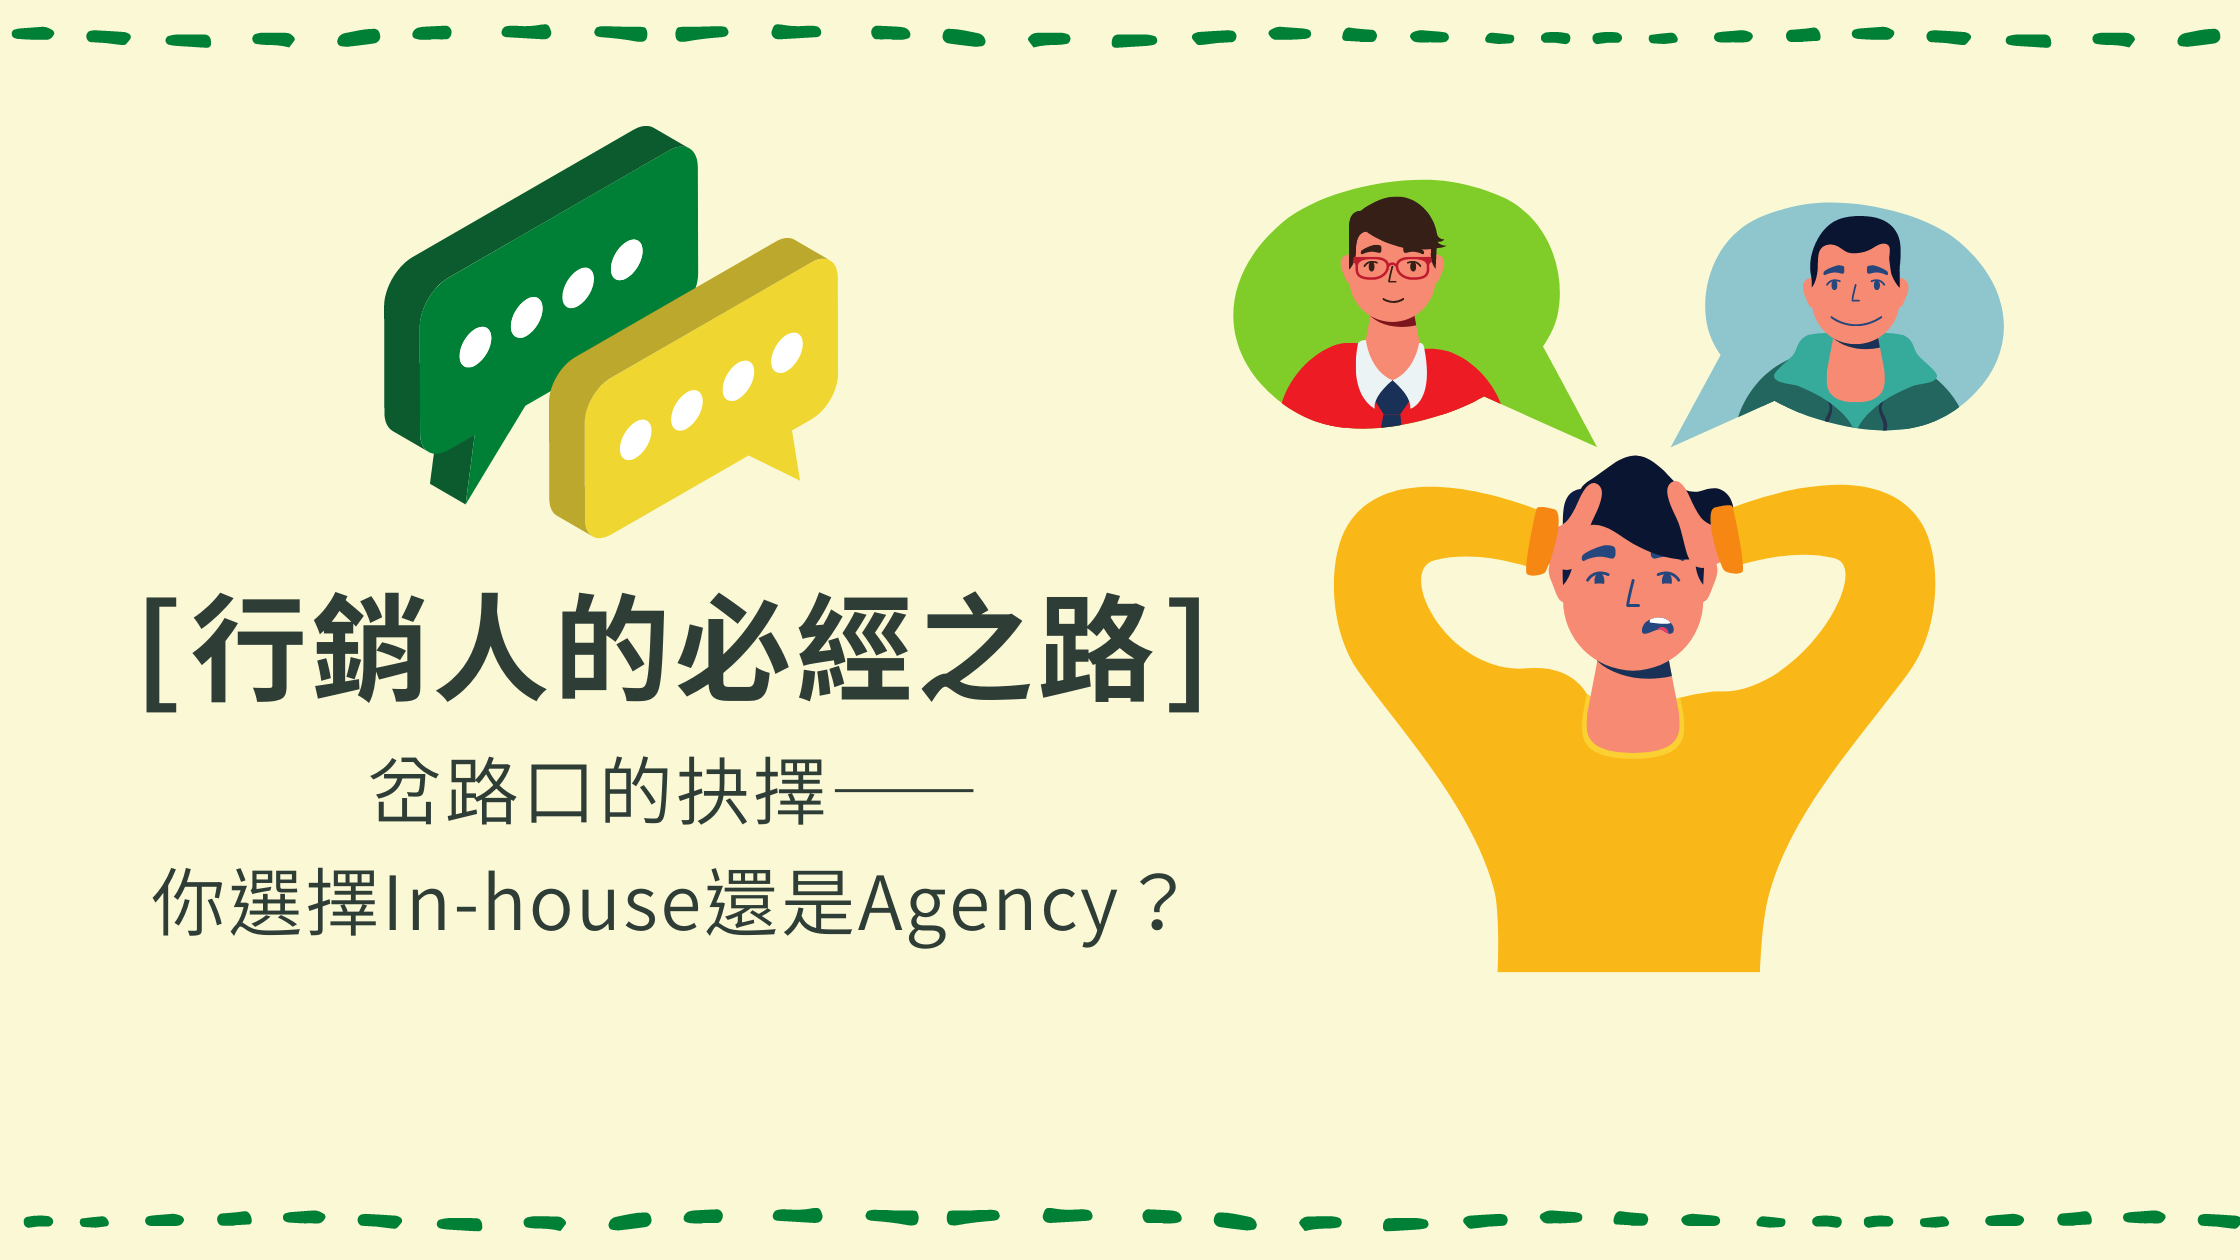 岔路口的抉擇——你選擇In-house還是Agency?